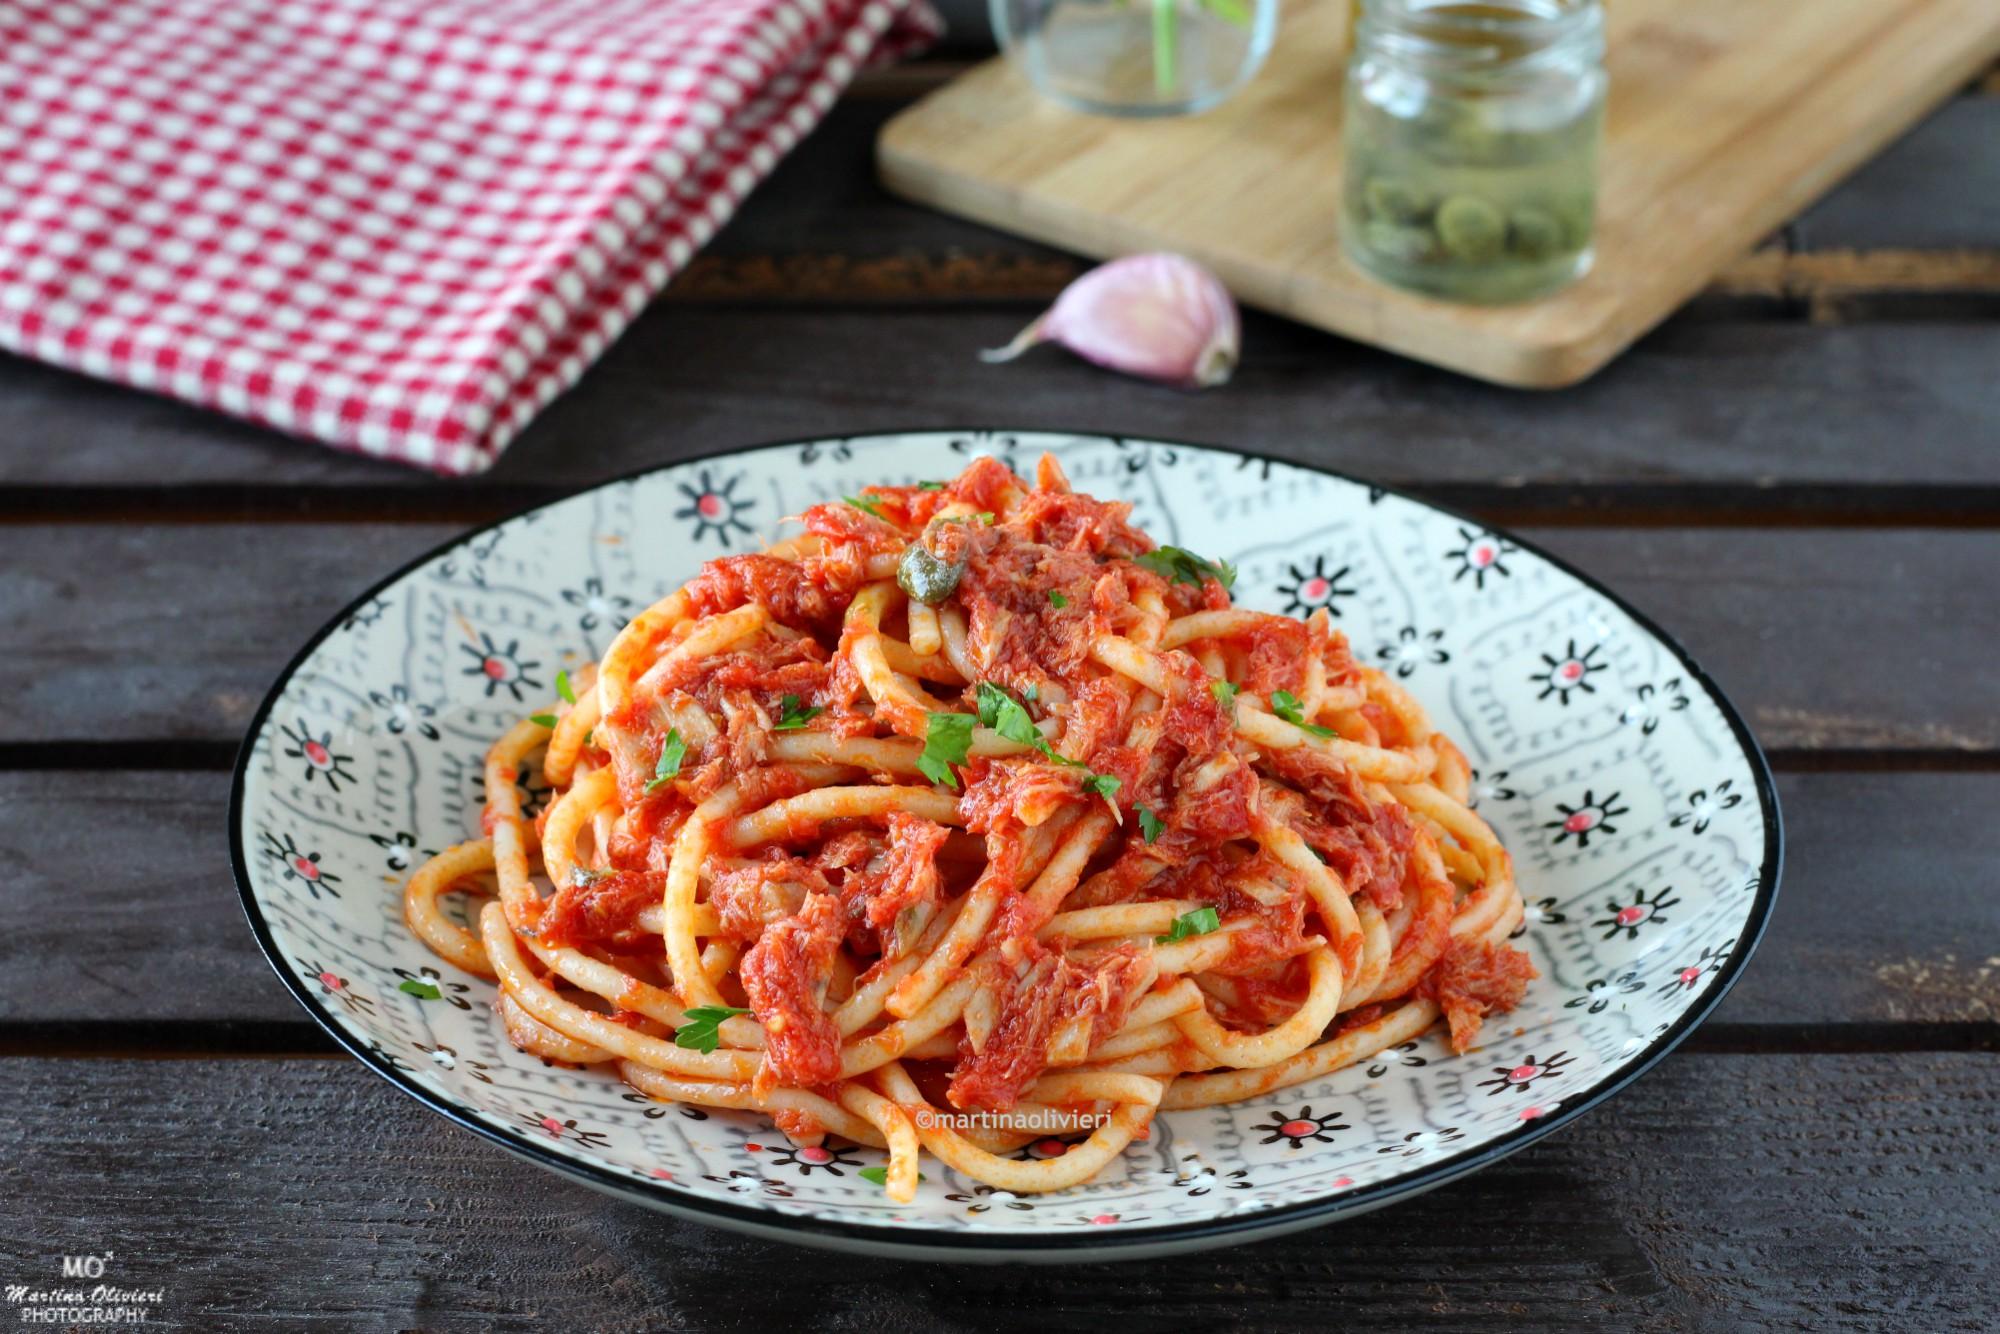 Spaghetti al sugo di tonno e acciughe